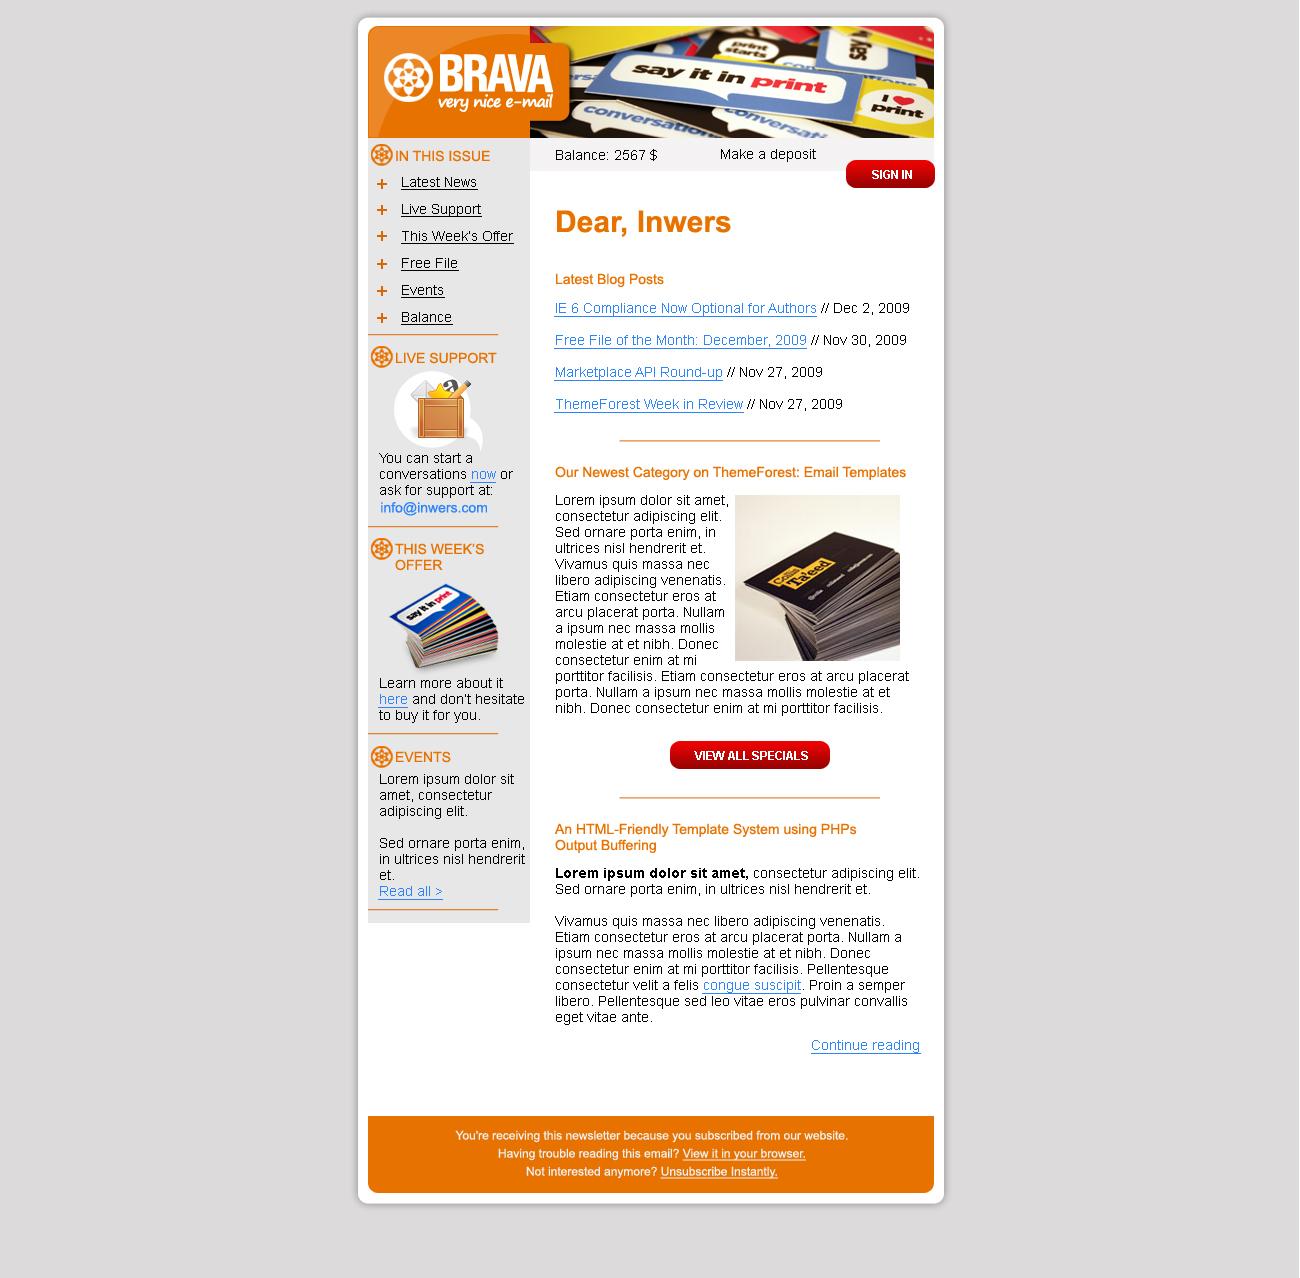 BRAVA - a corporate nice e-mail - Inwers - Brava Orange